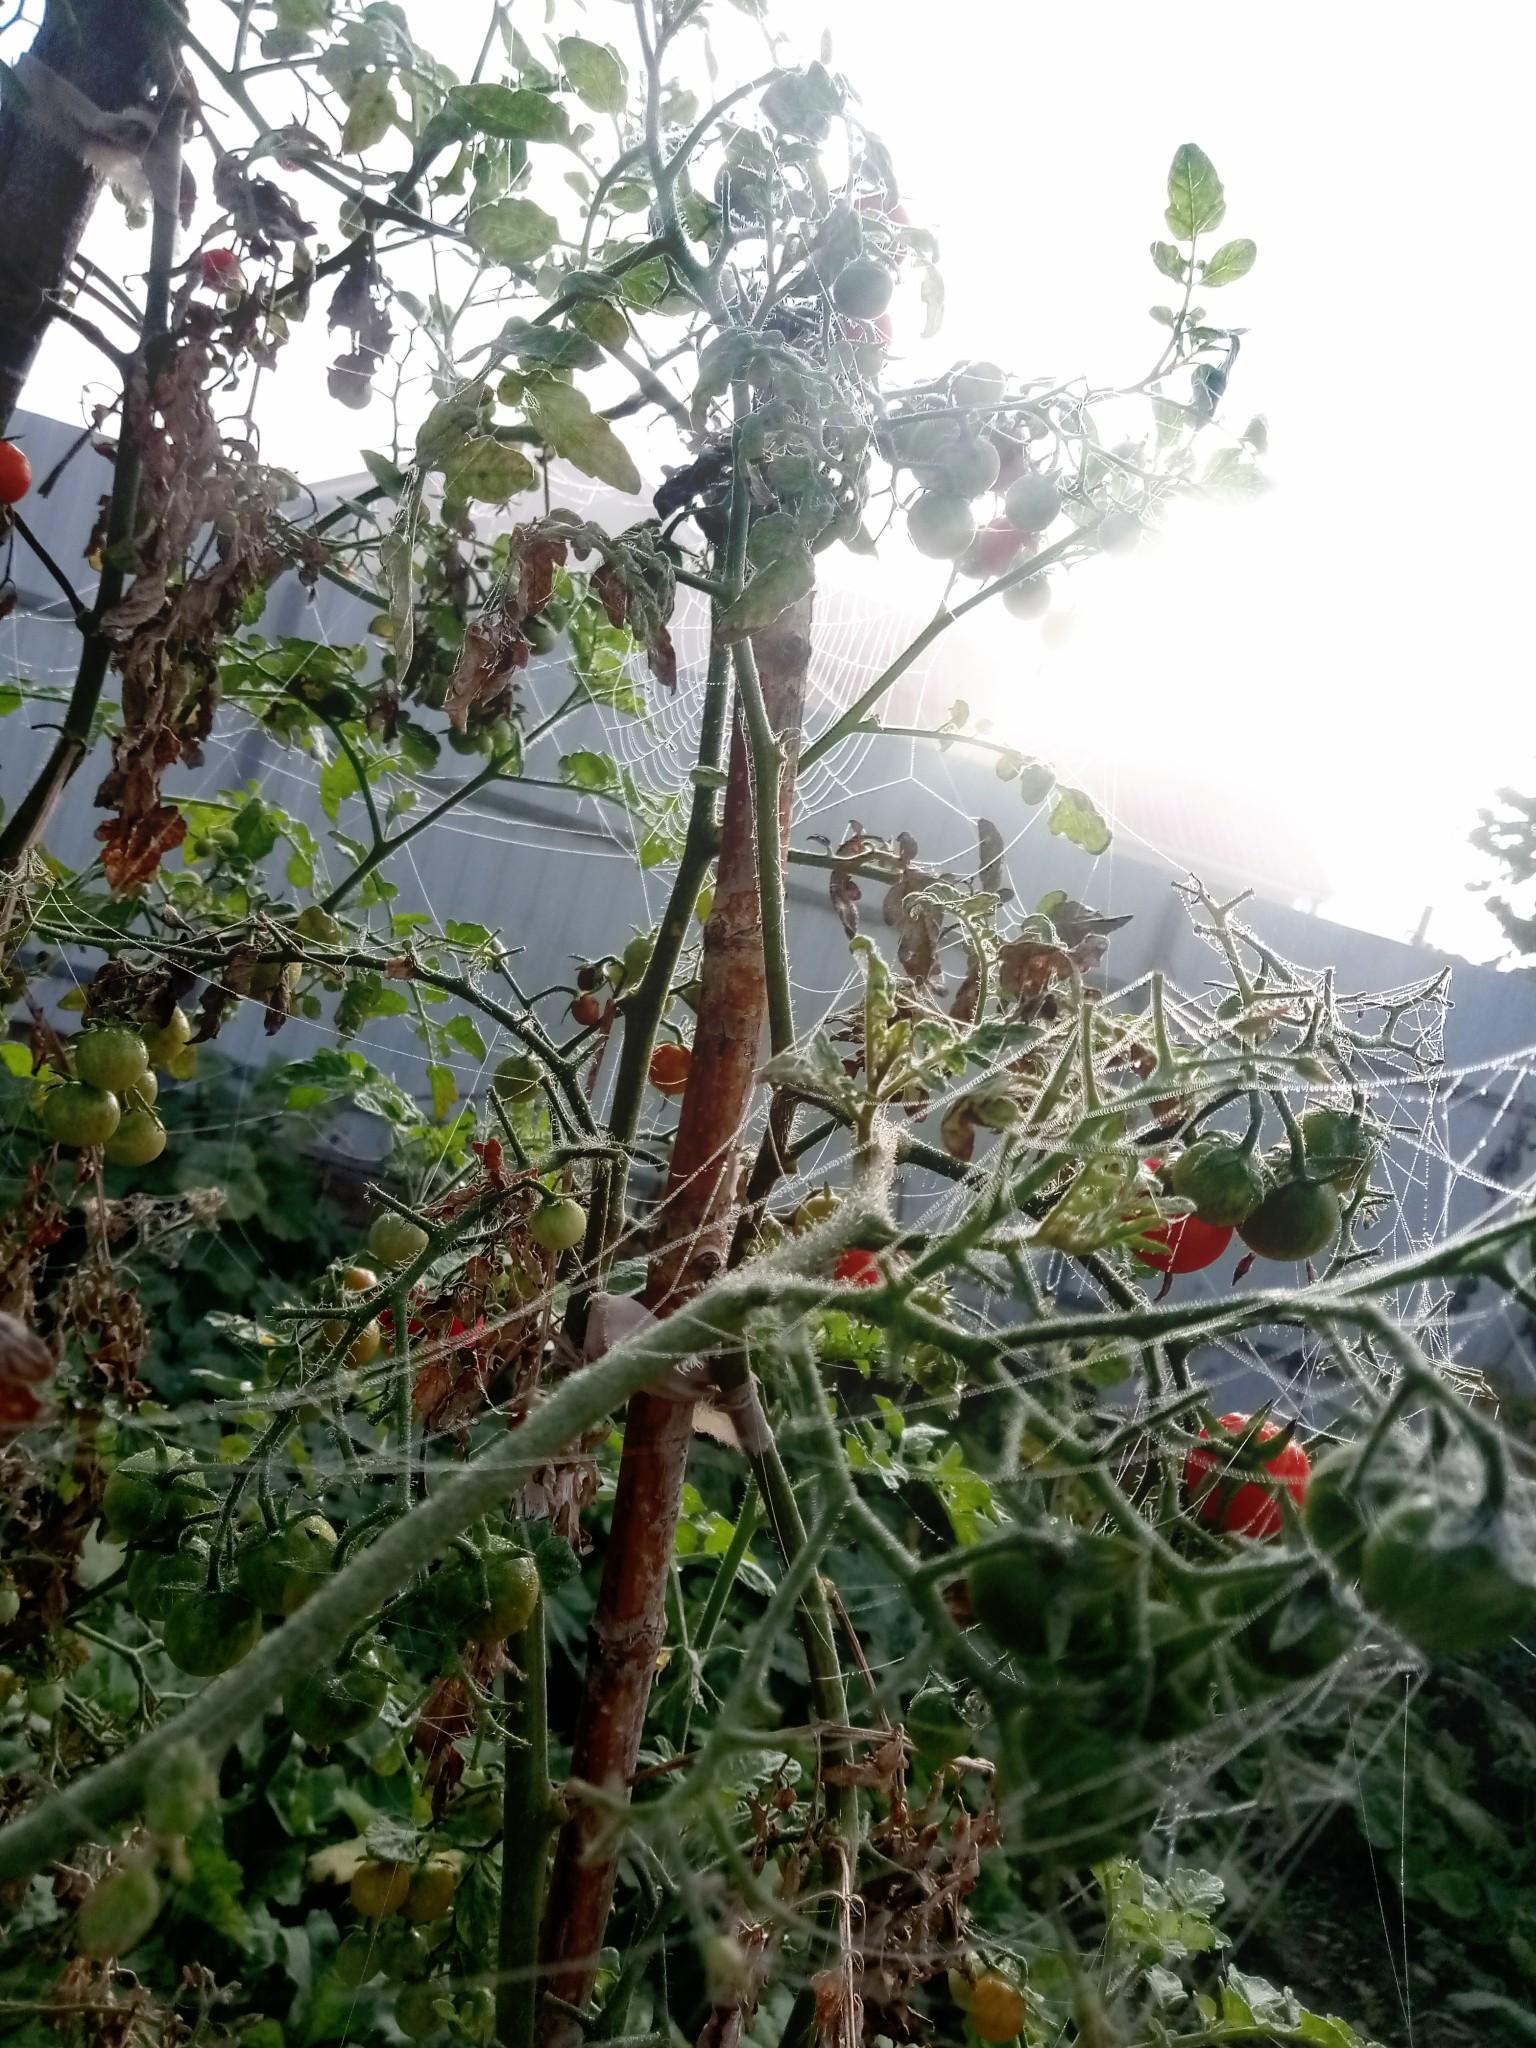 Spider web photo 10